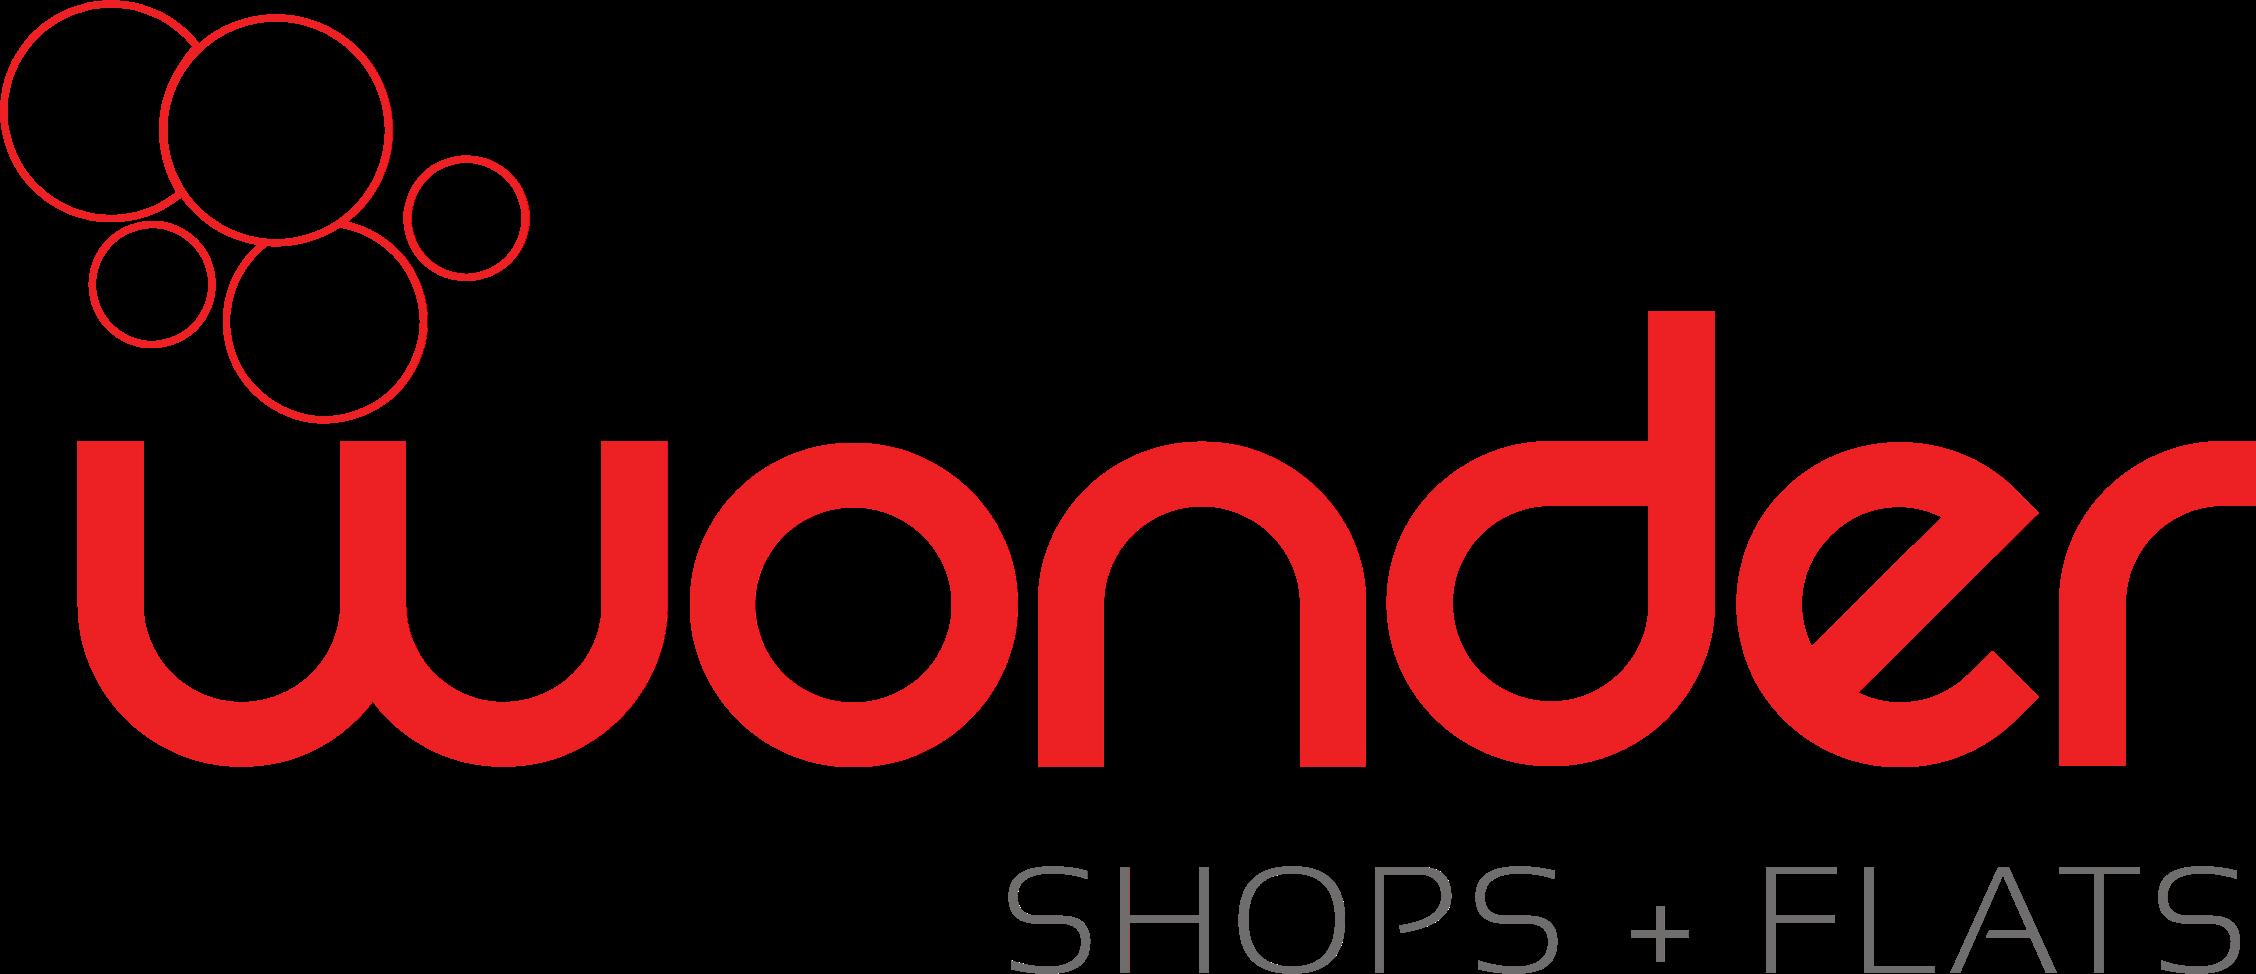 Wonder shopsandflats_logo.png